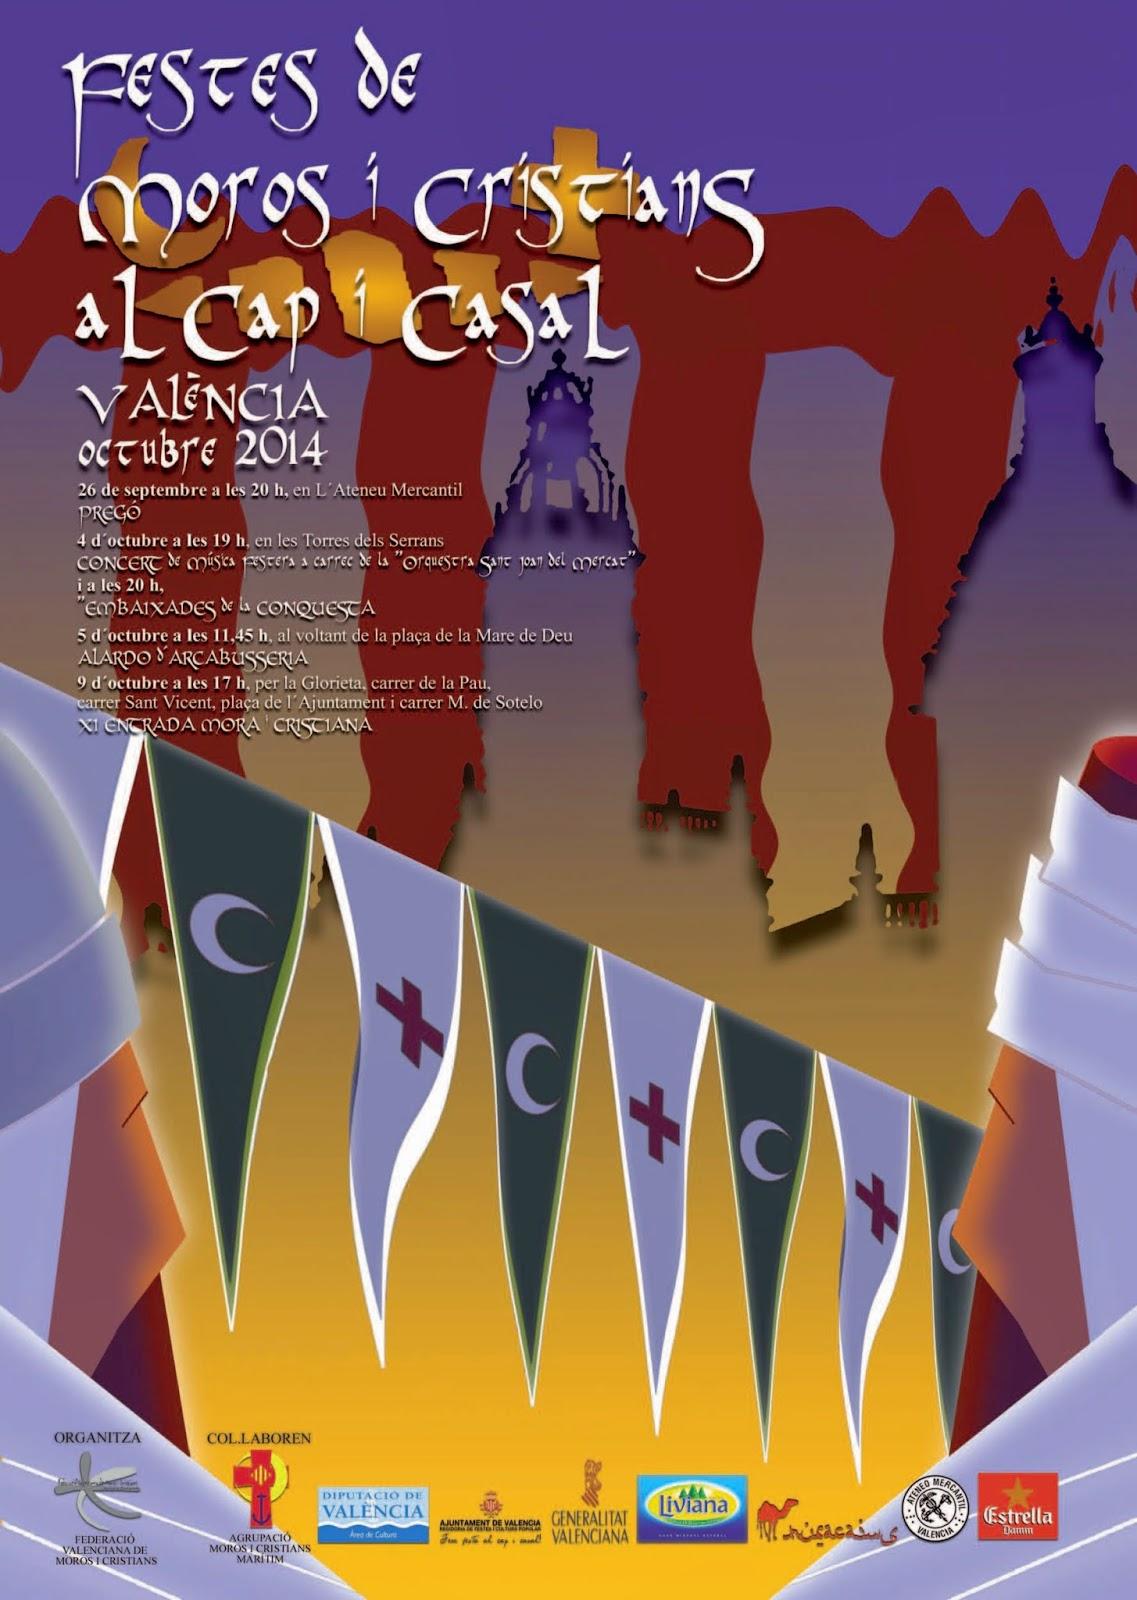 Programa de les Festes de Moros i Cristians al Cap i Casal